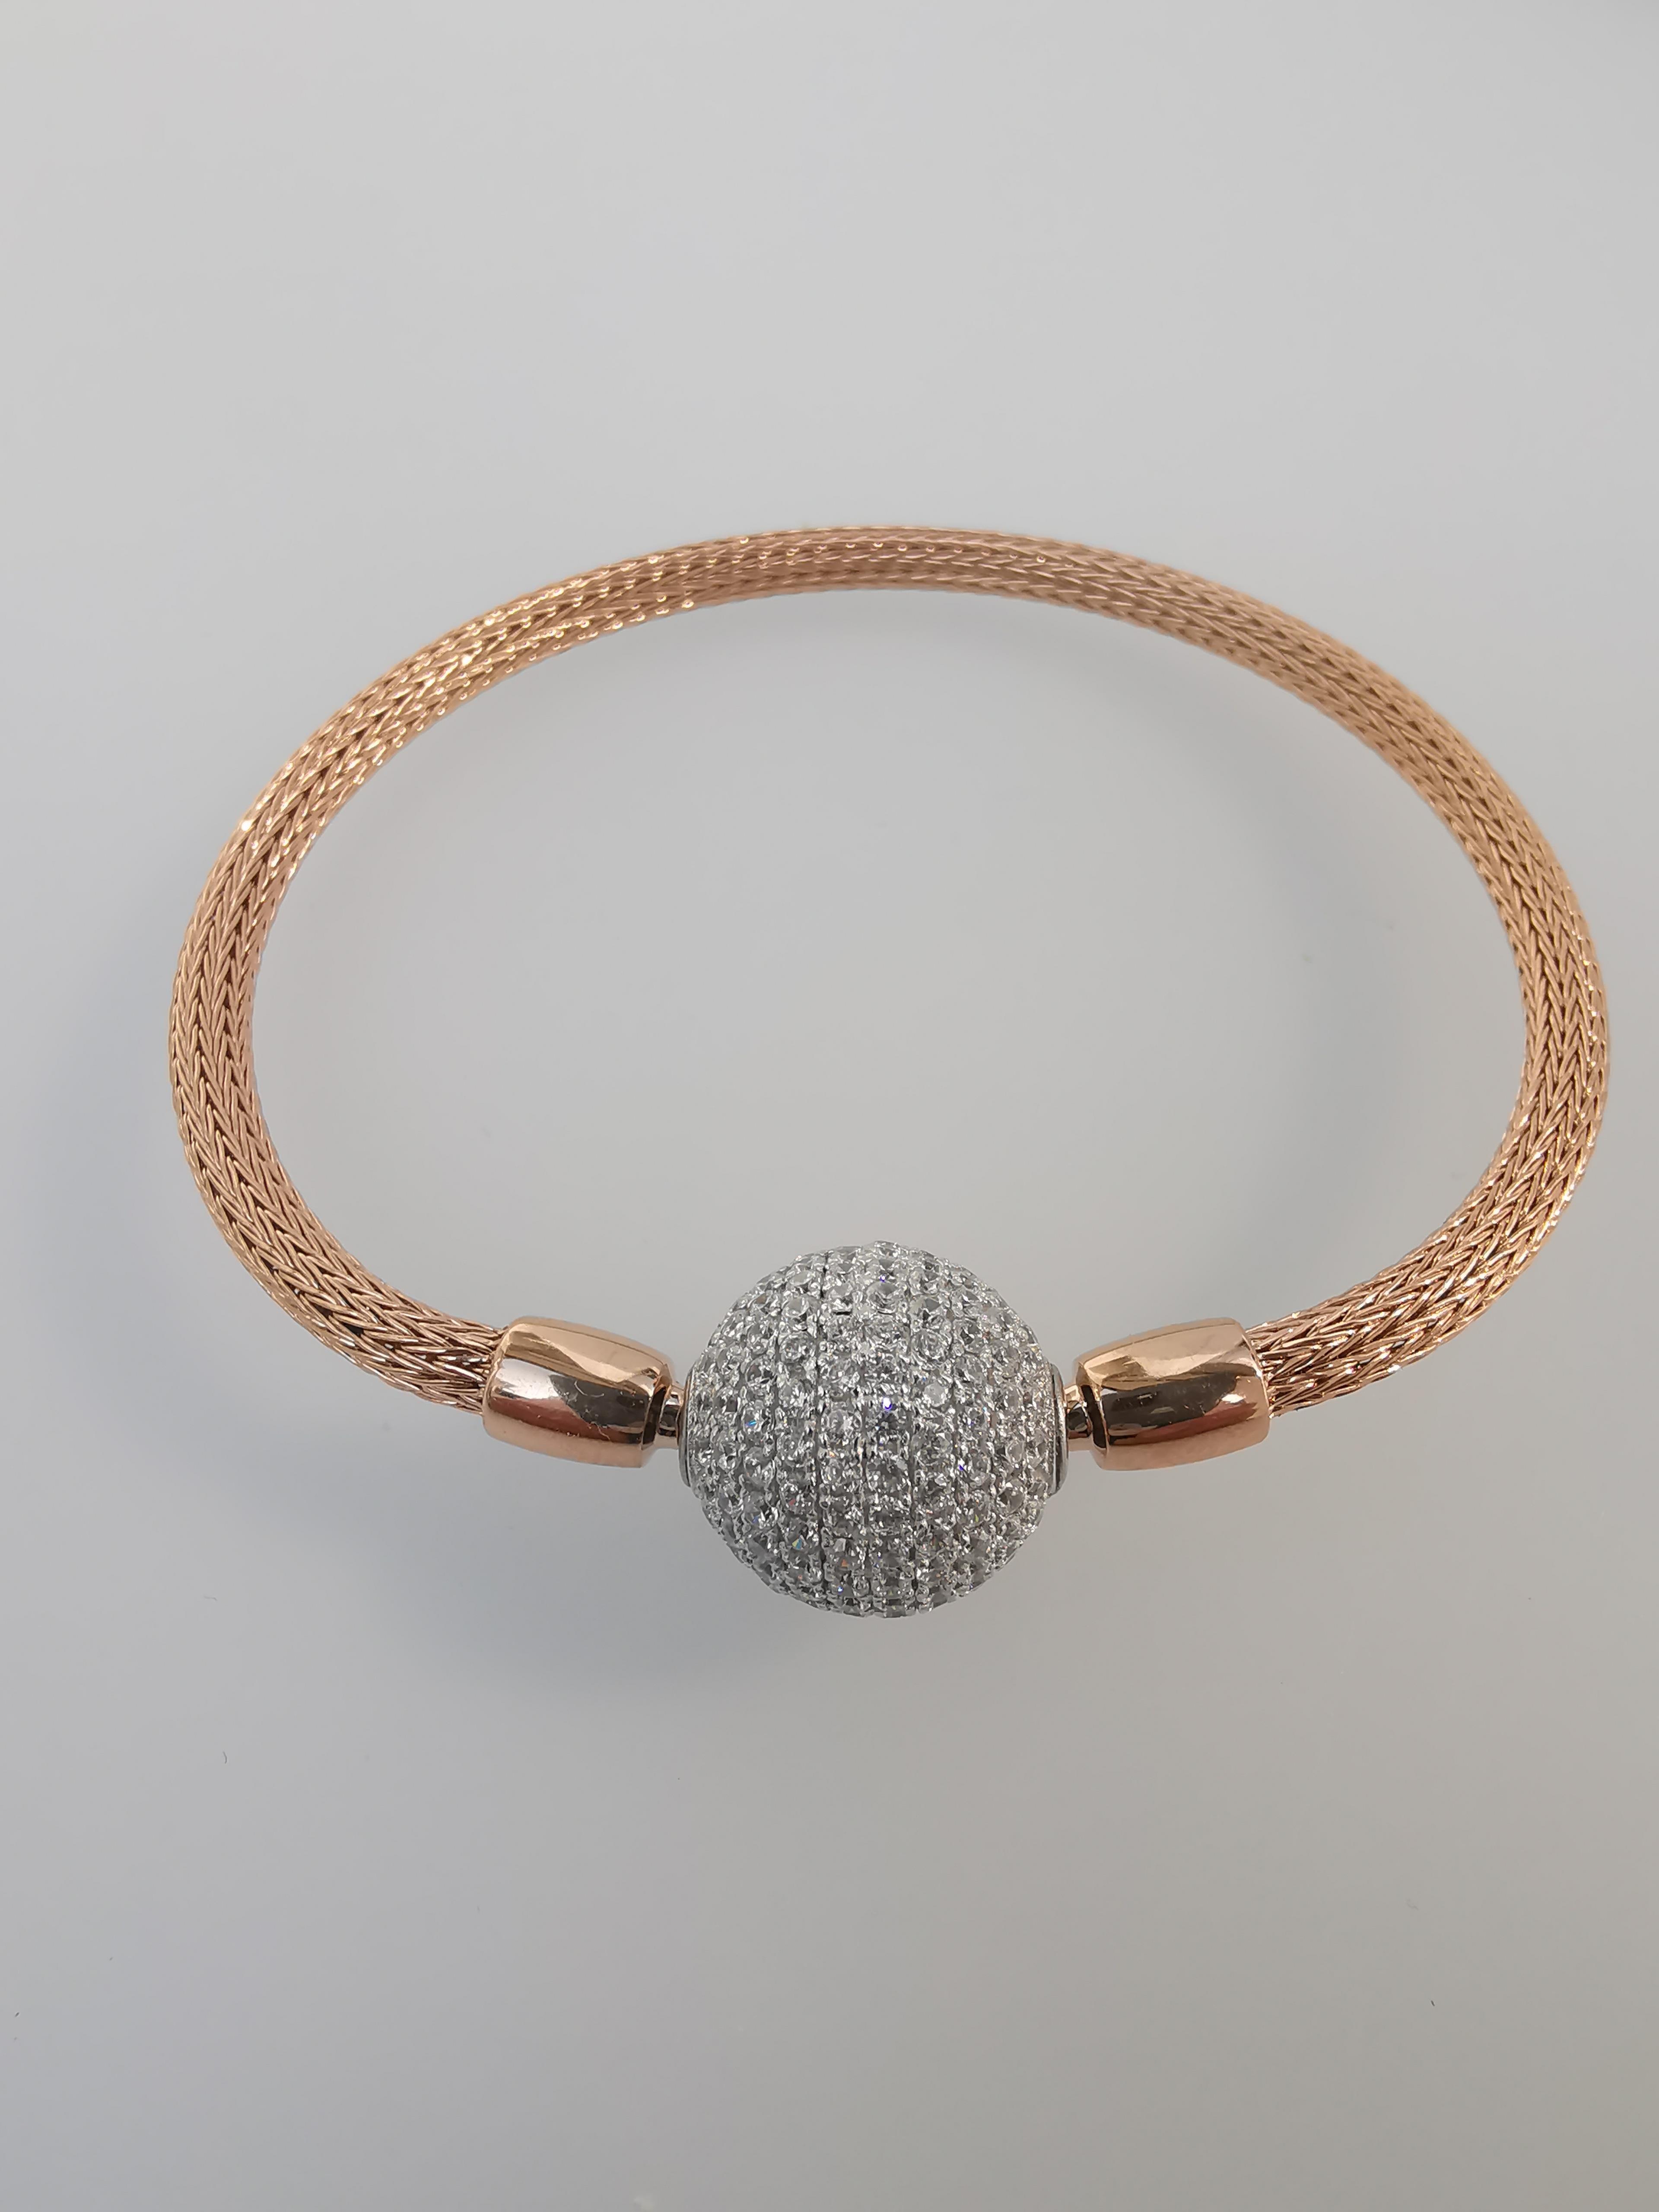 Armband Strickkette 750 18 Karat Rotgold